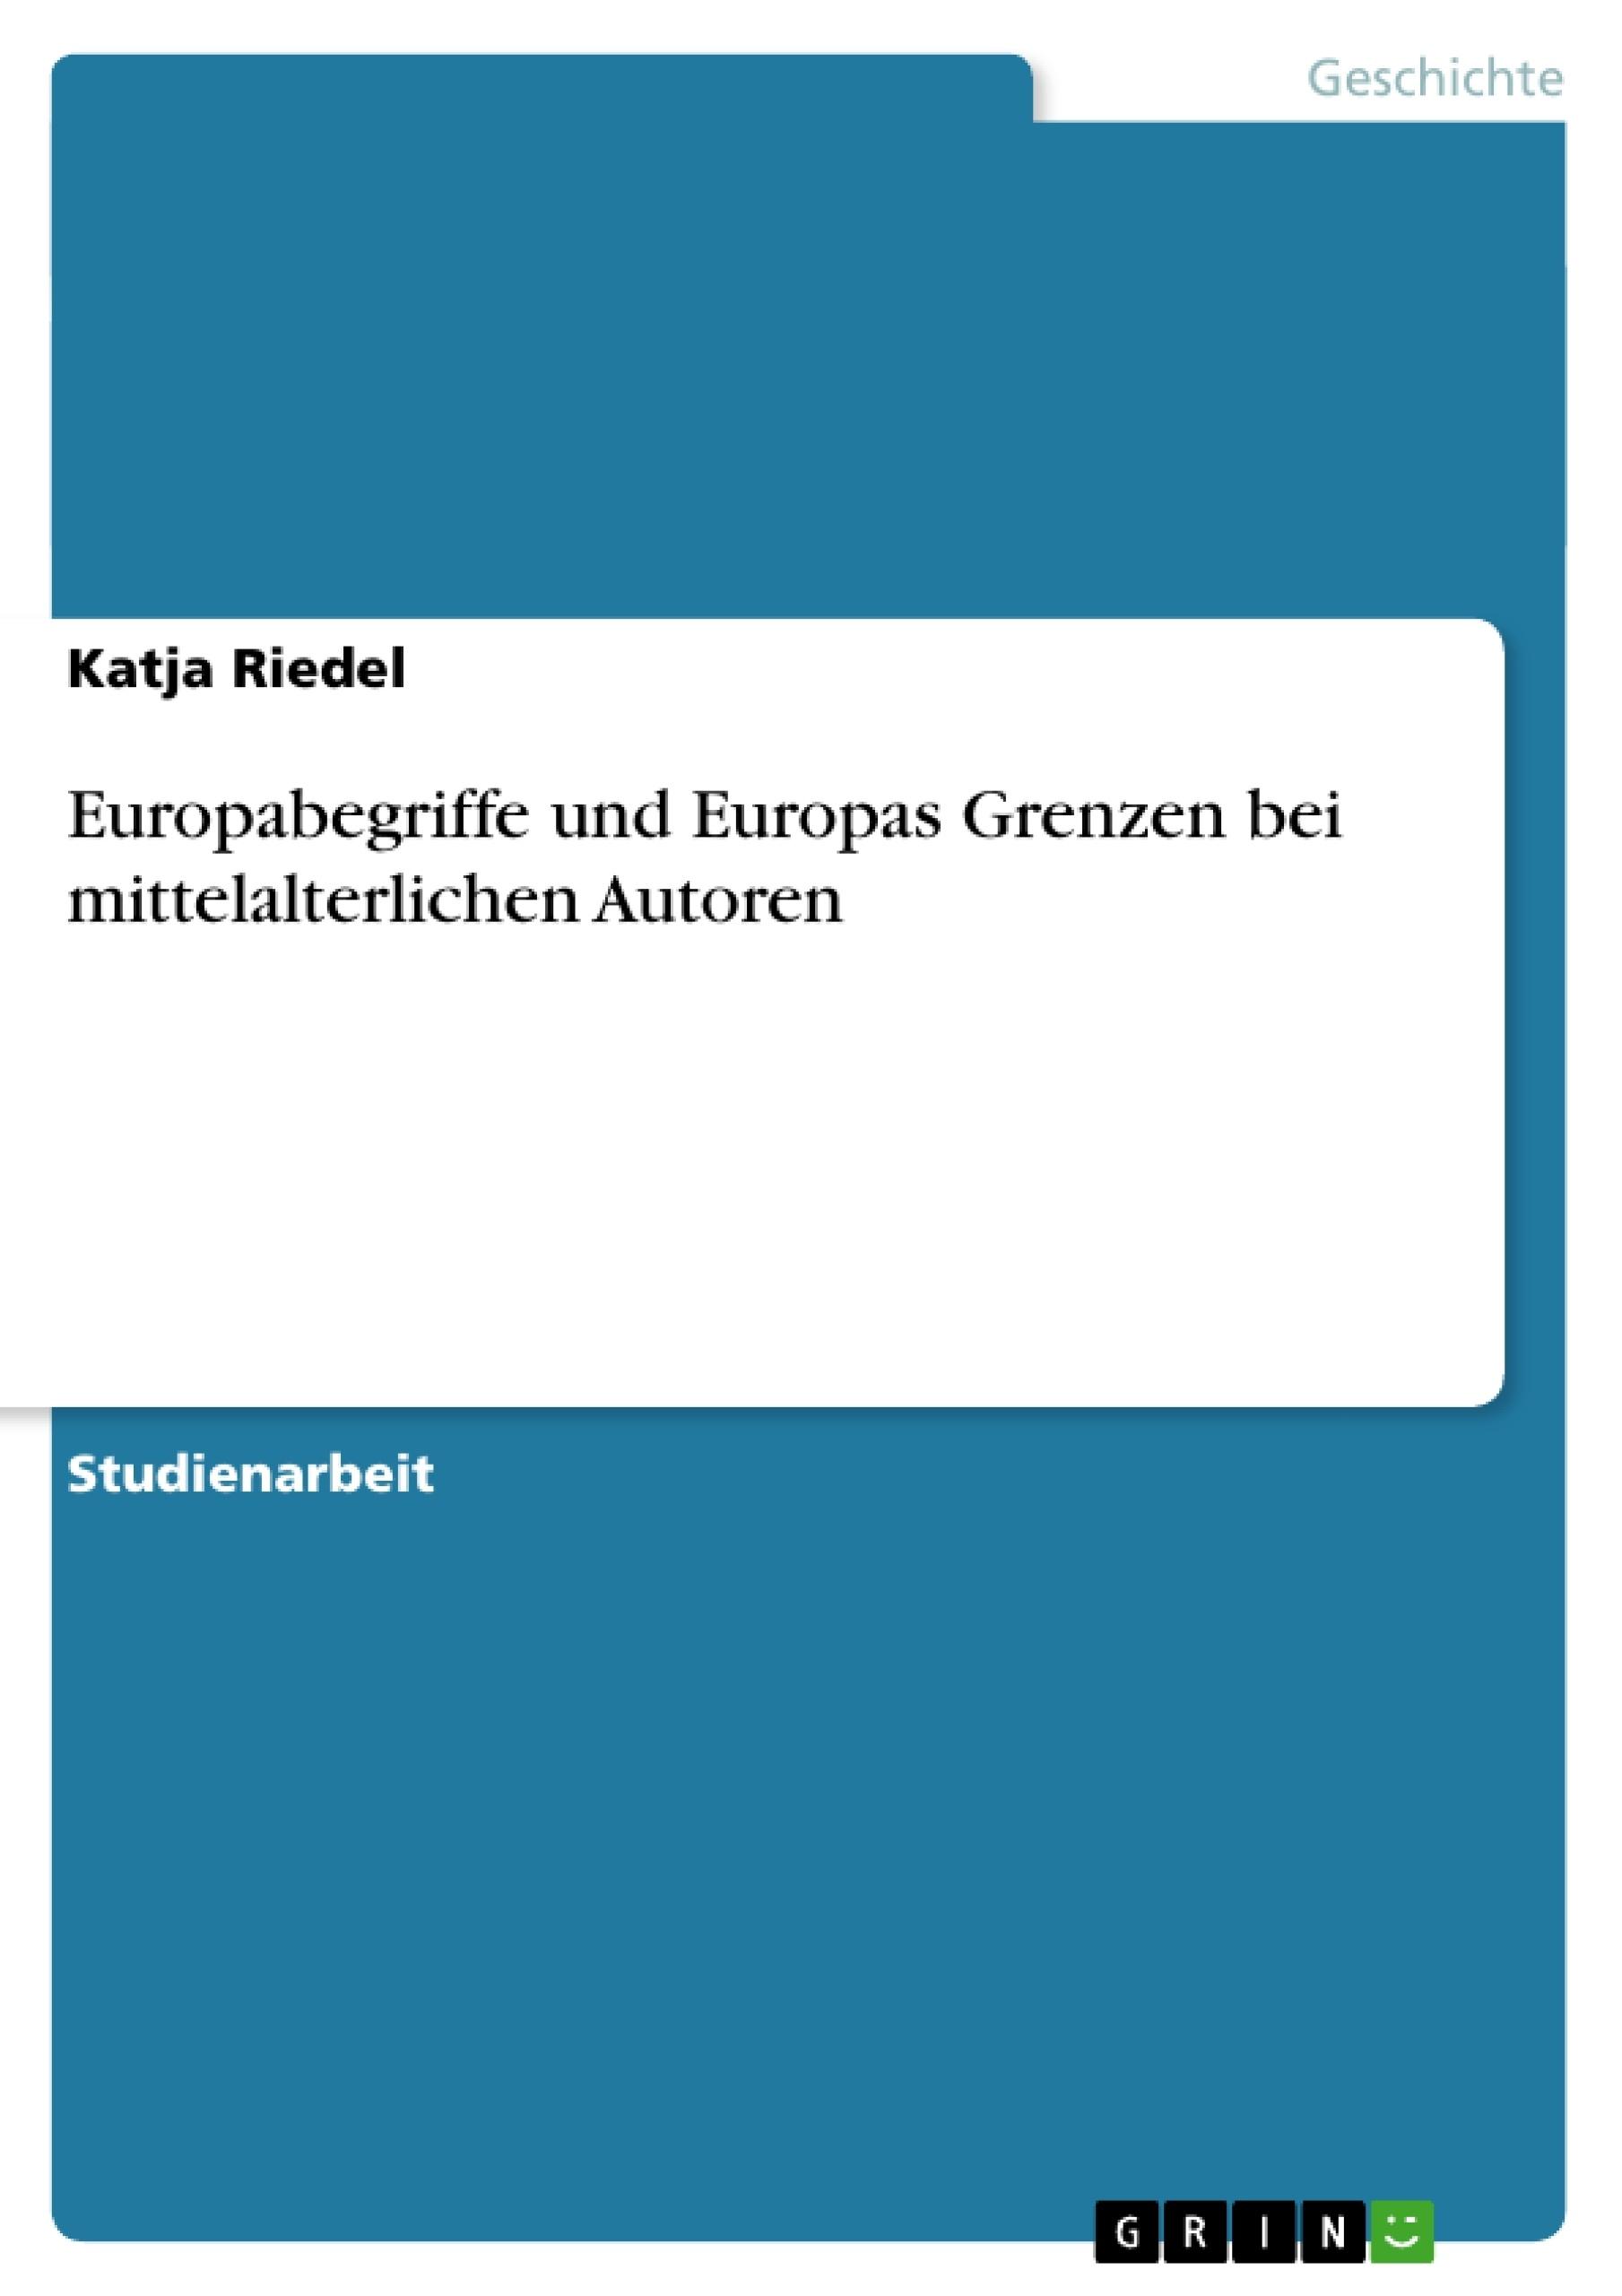 Titel: Europabegriffe und Europas Grenzen bei mittelalterlichen Autoren